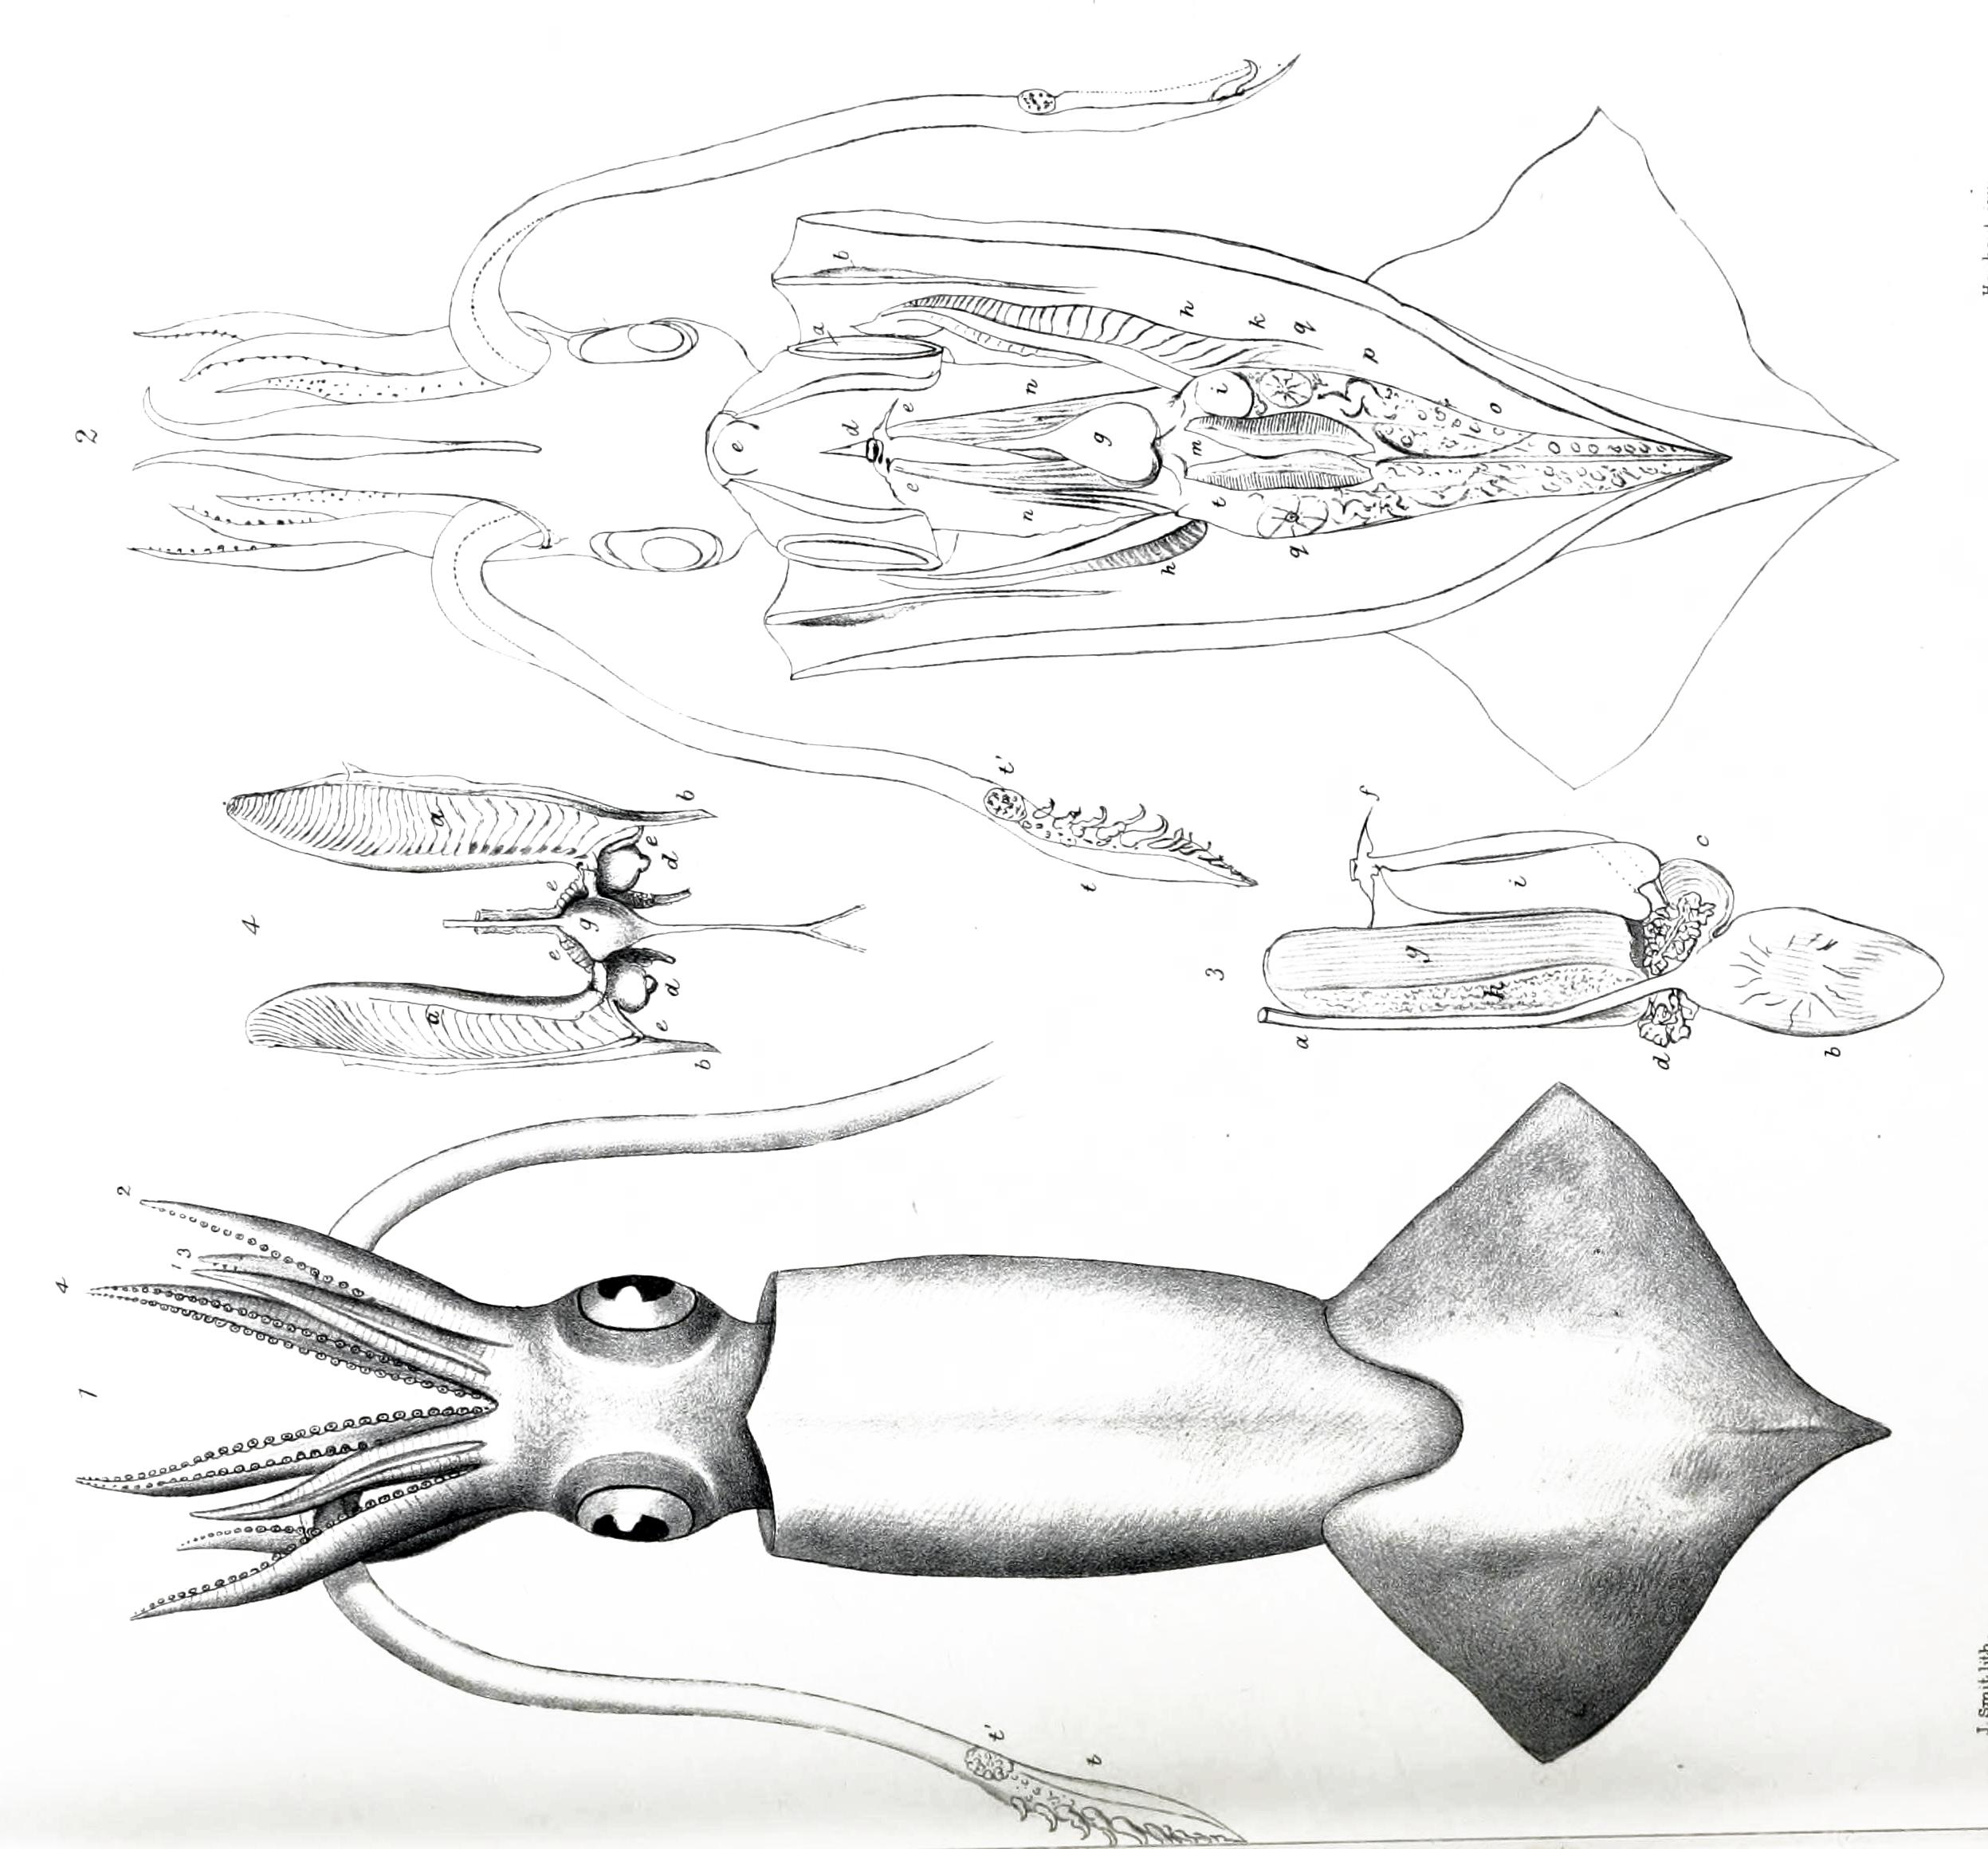 Image of Onychoteuthis